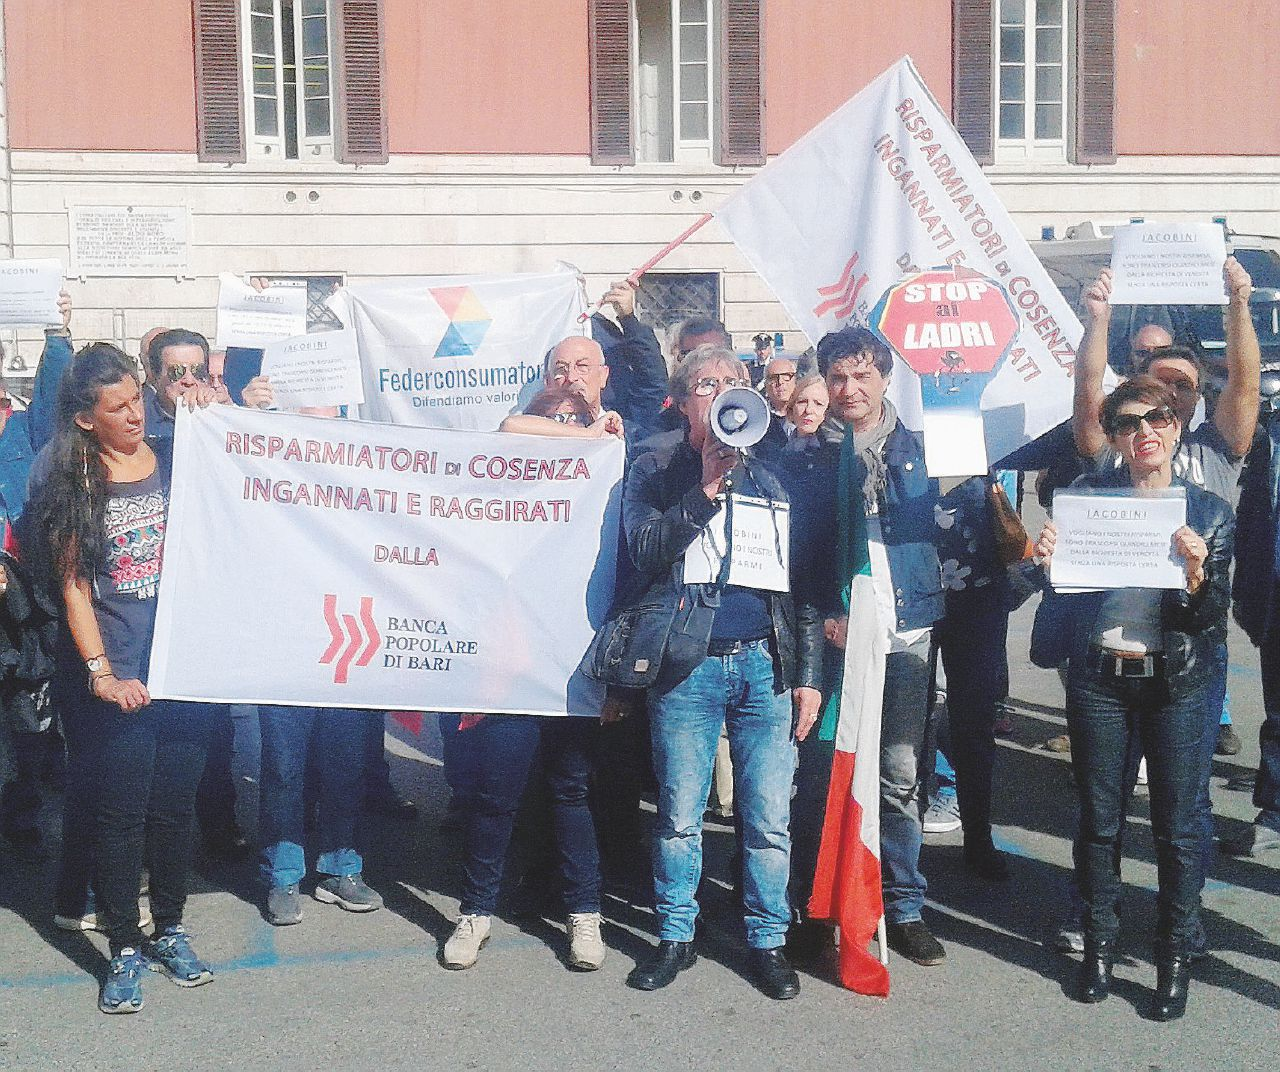 Popolare di Bari, lo scandalo bancario a scoppio ritardato